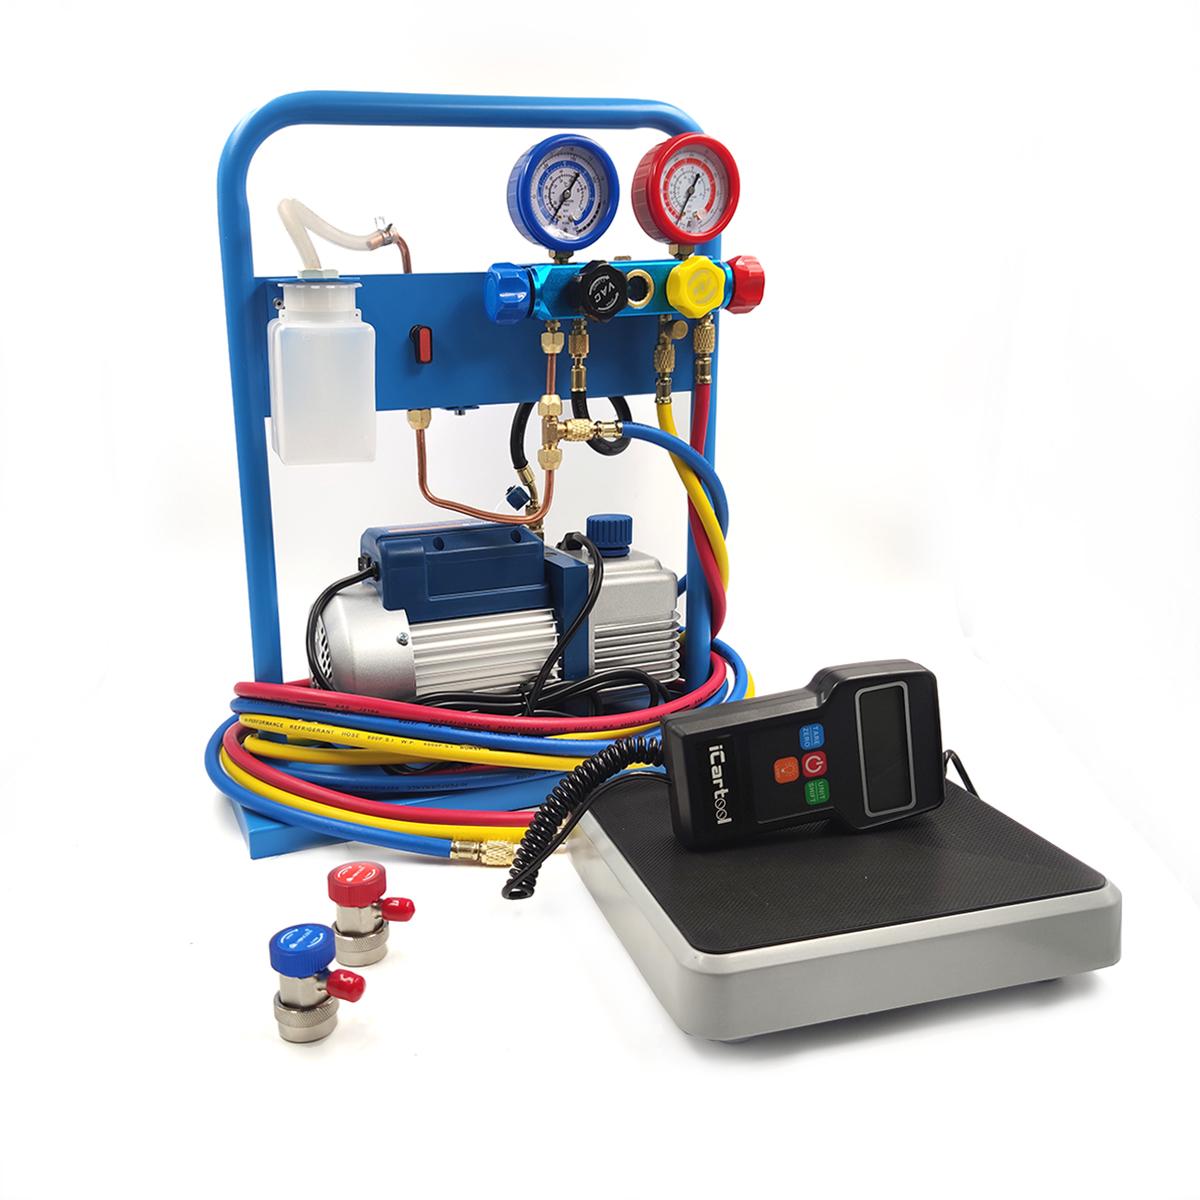 Комплект для заправки кондиционеров, compact с функцией